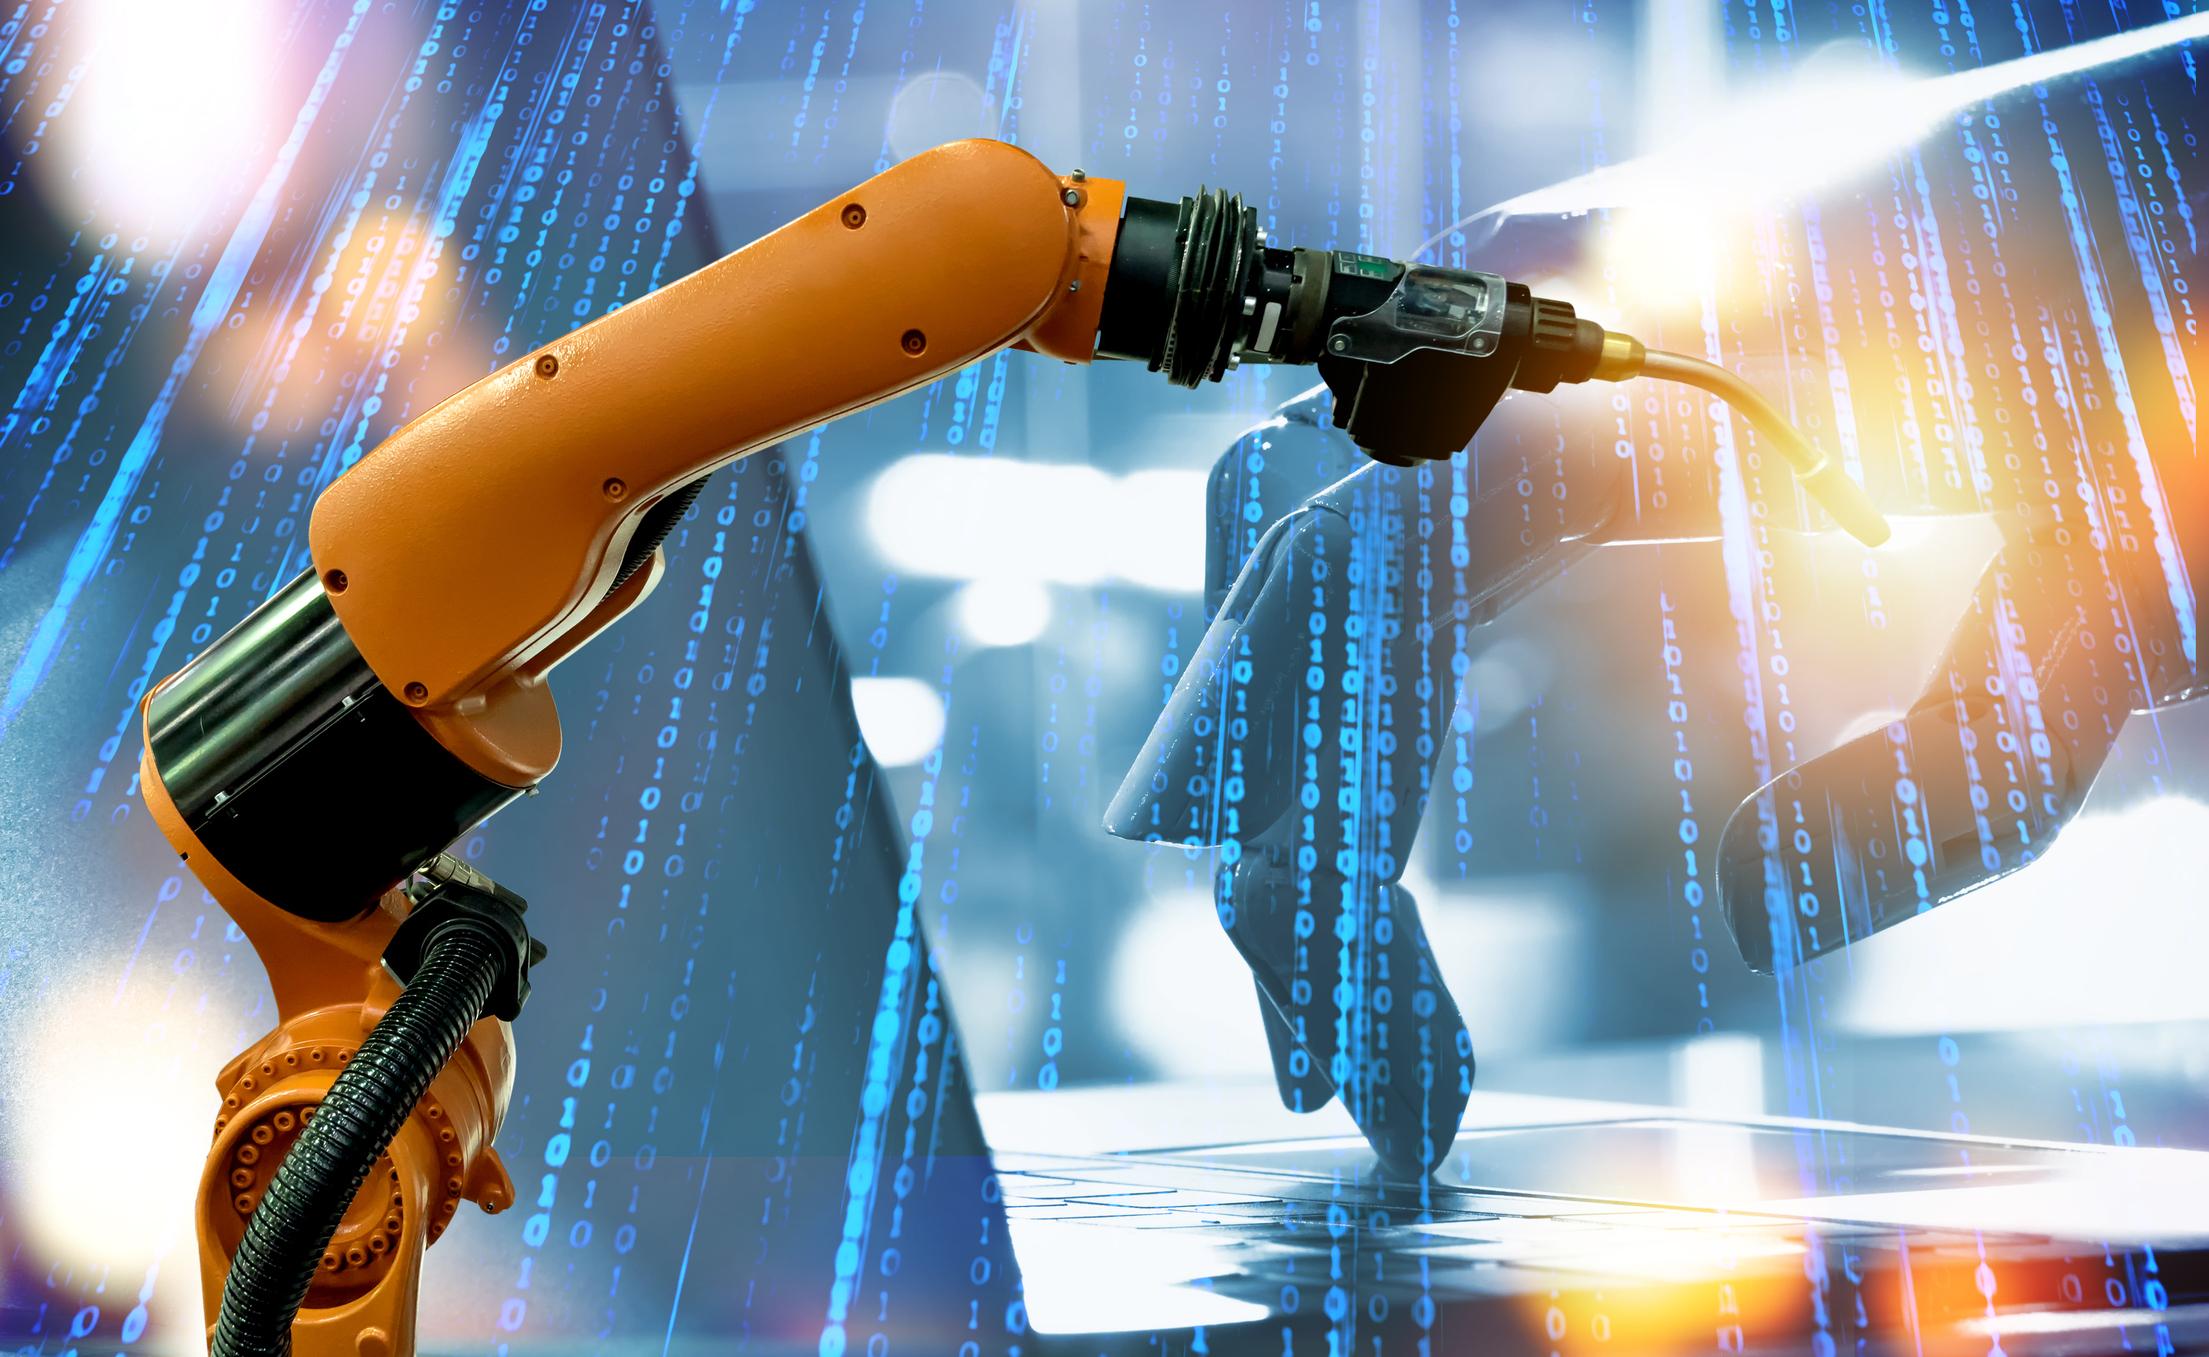 Ingegneria Robotica E Dell Automazione Dove E Cosa Studiare